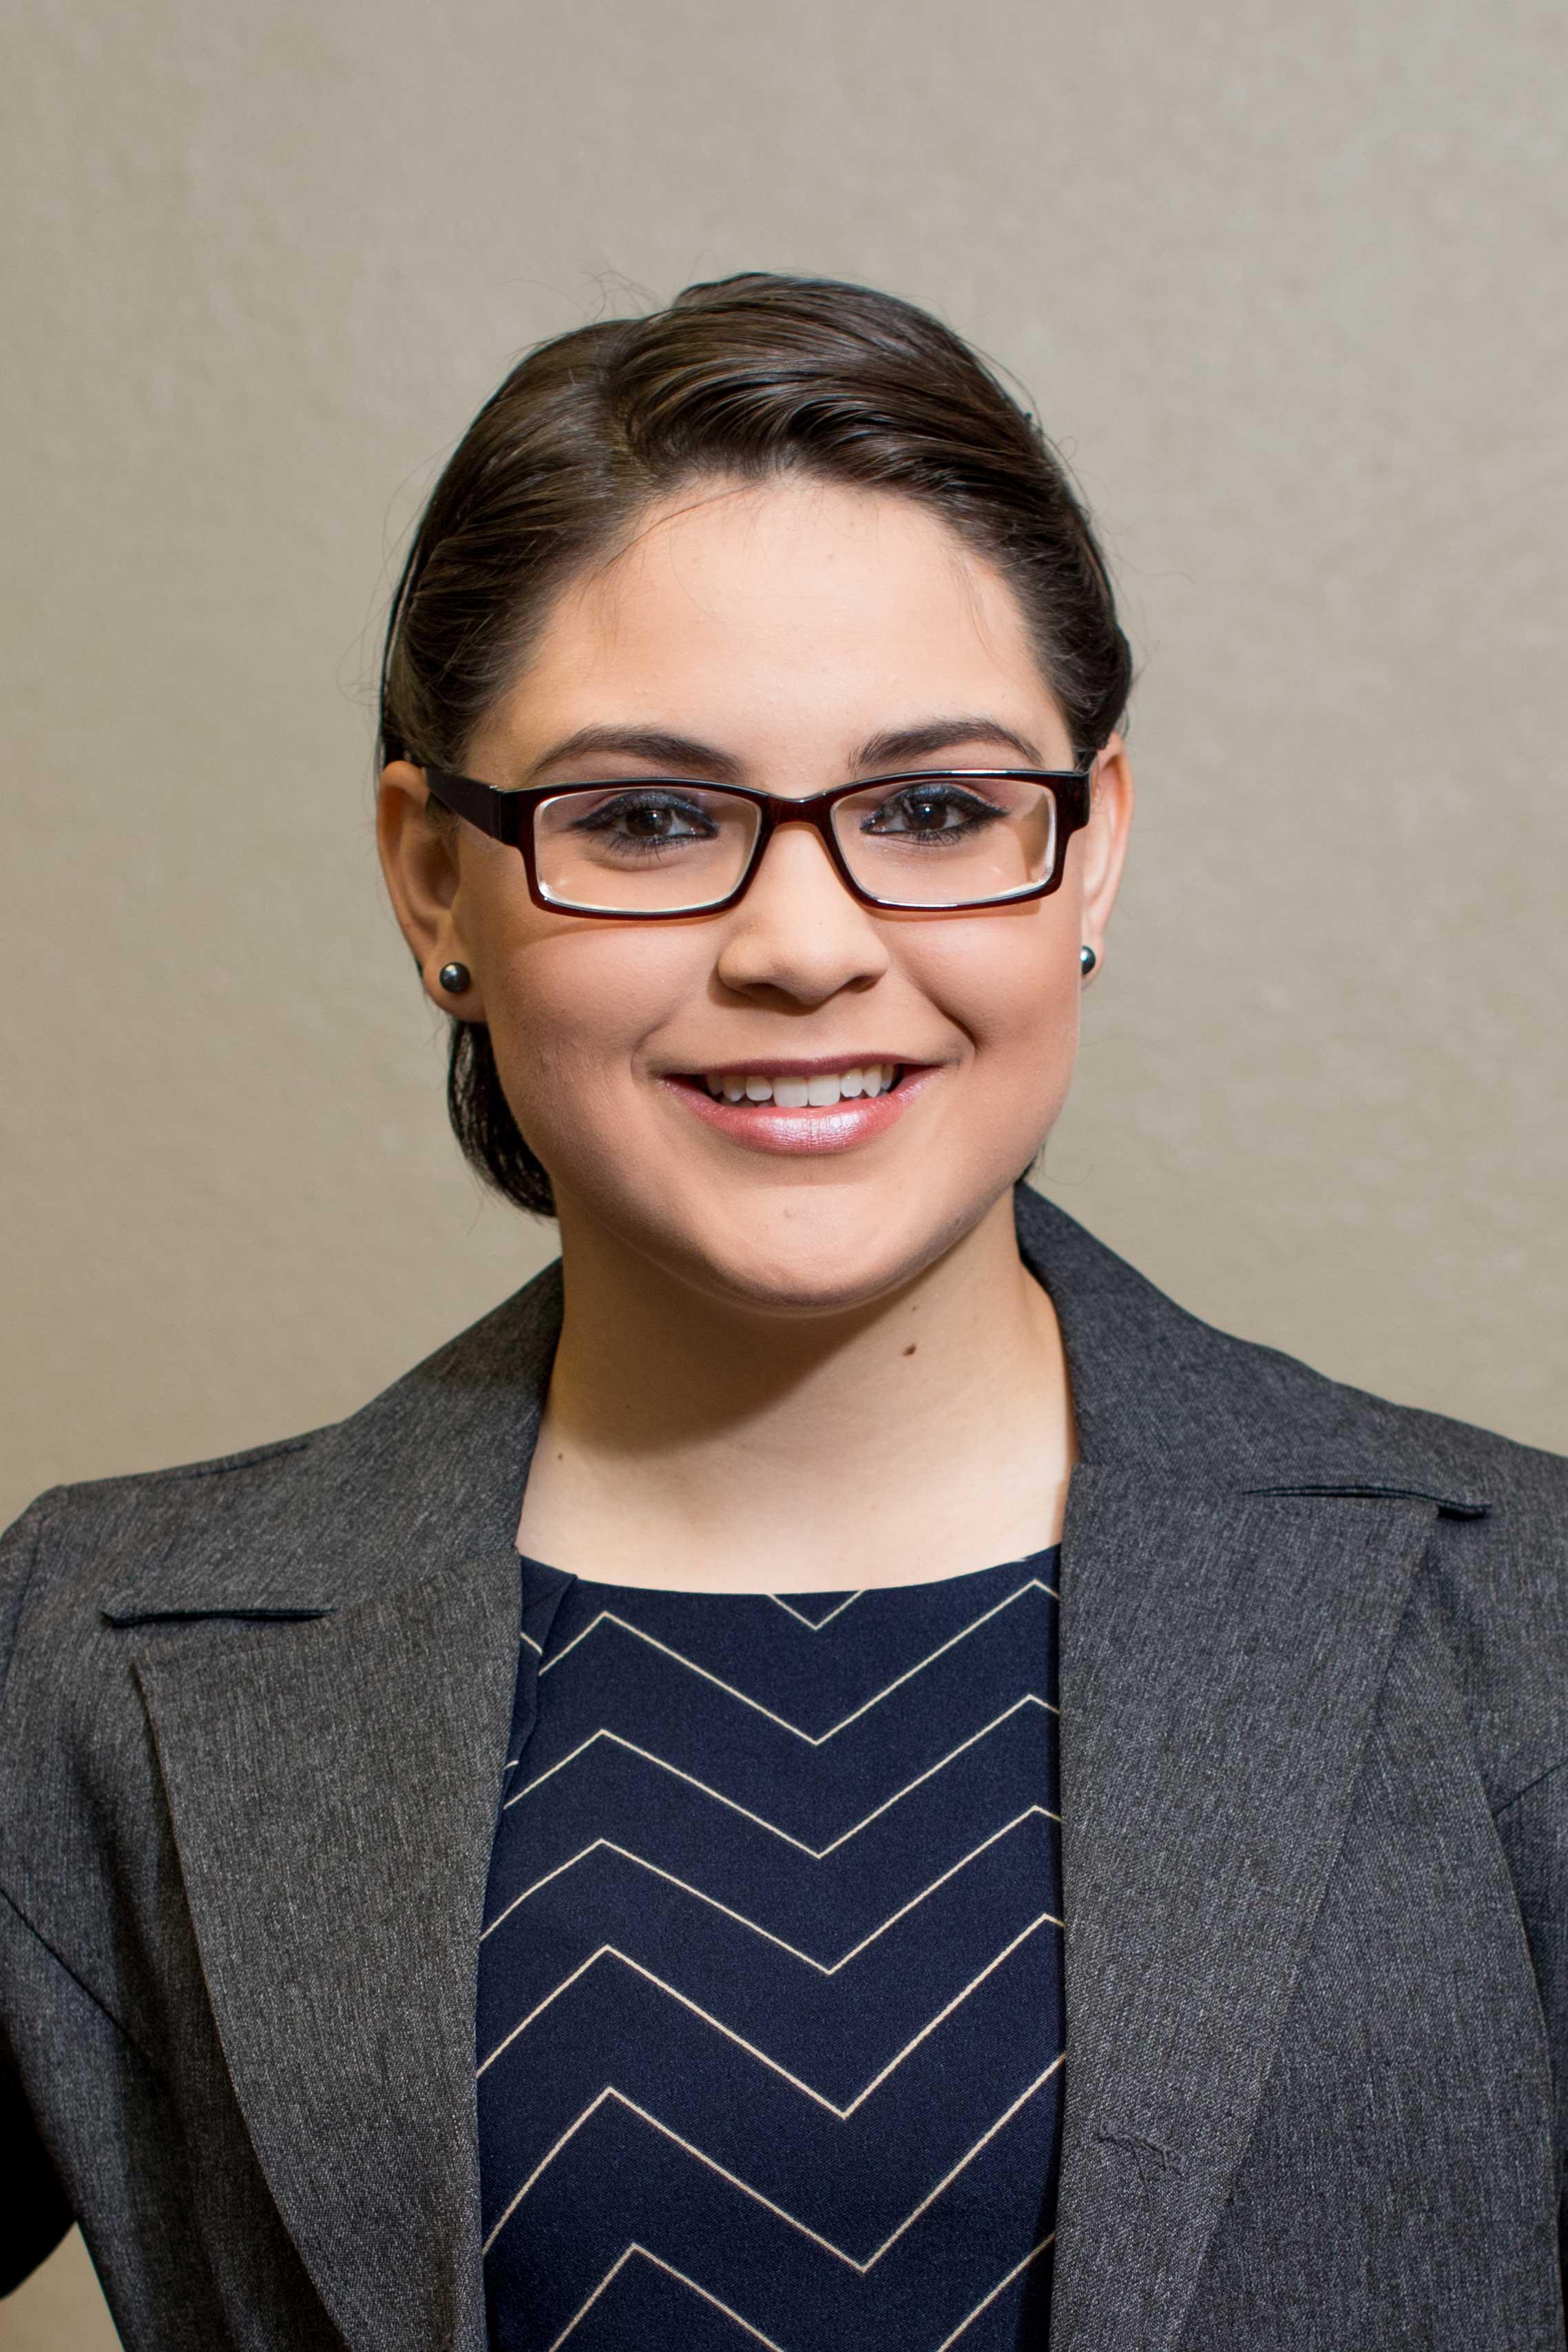 Samantha Ordaz